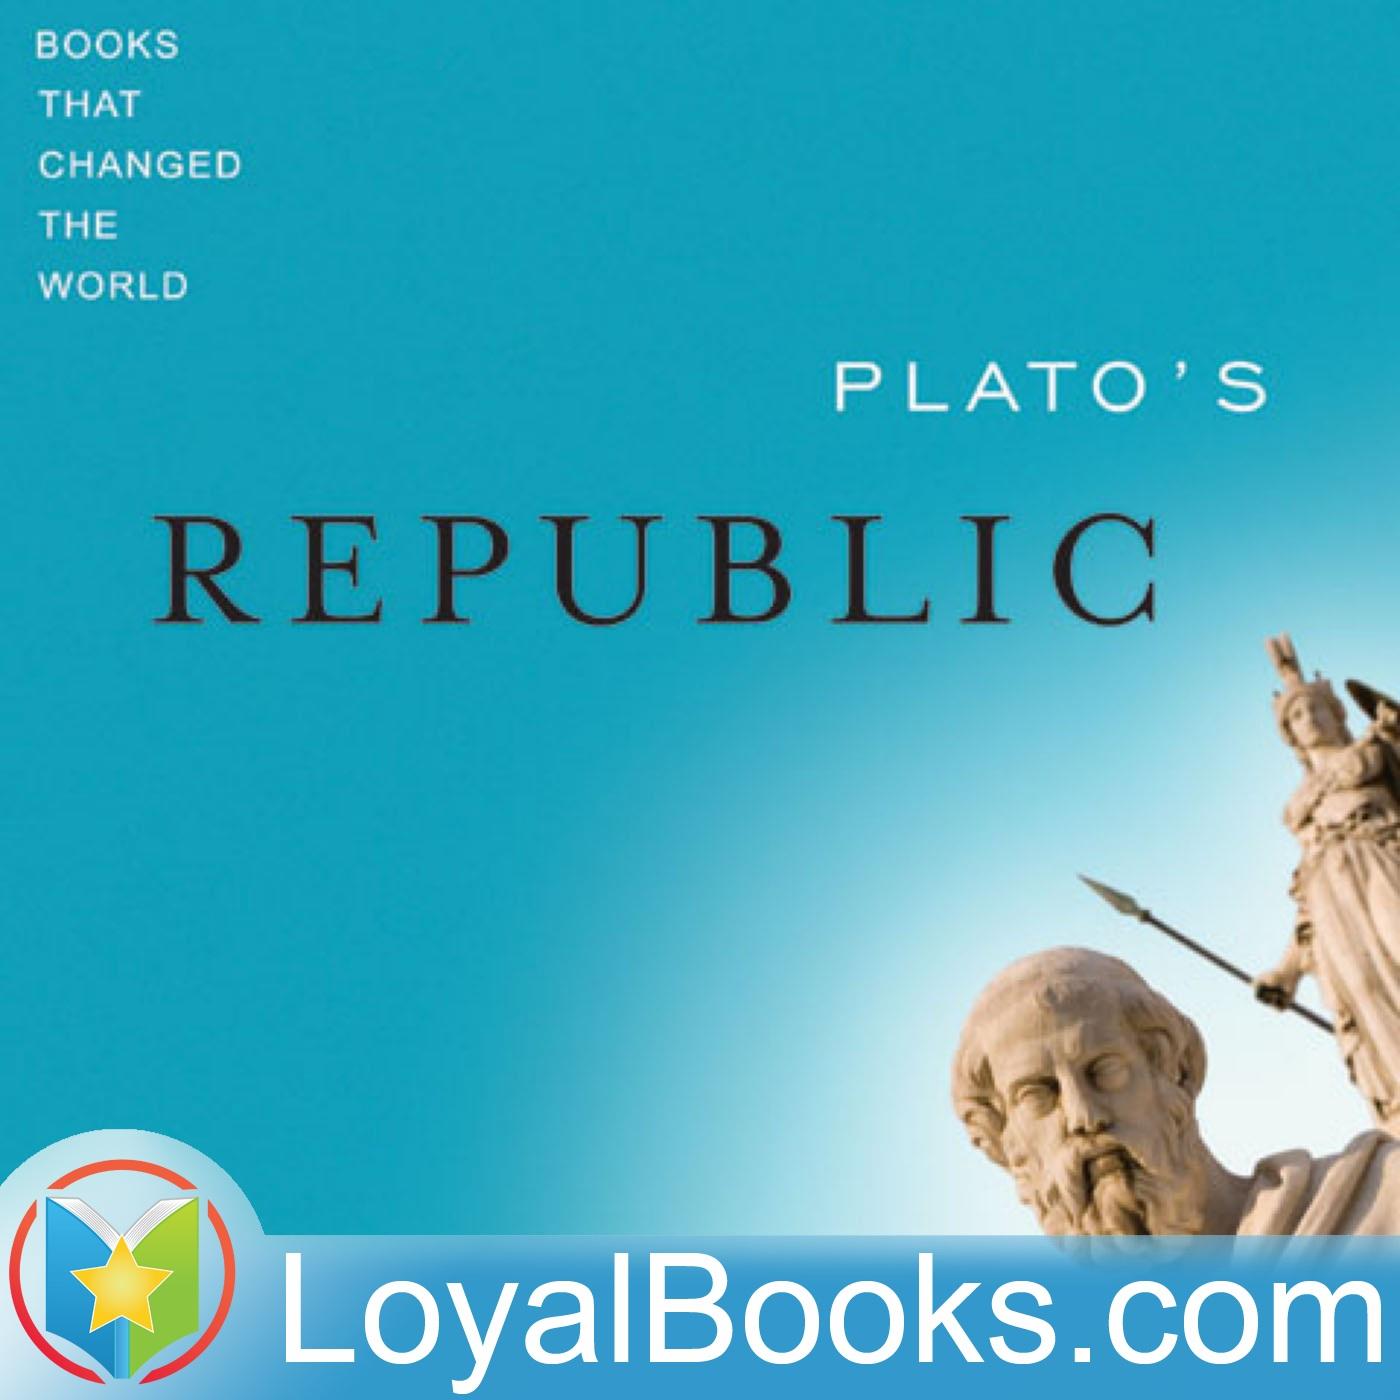 Plato's Republic by Plato  